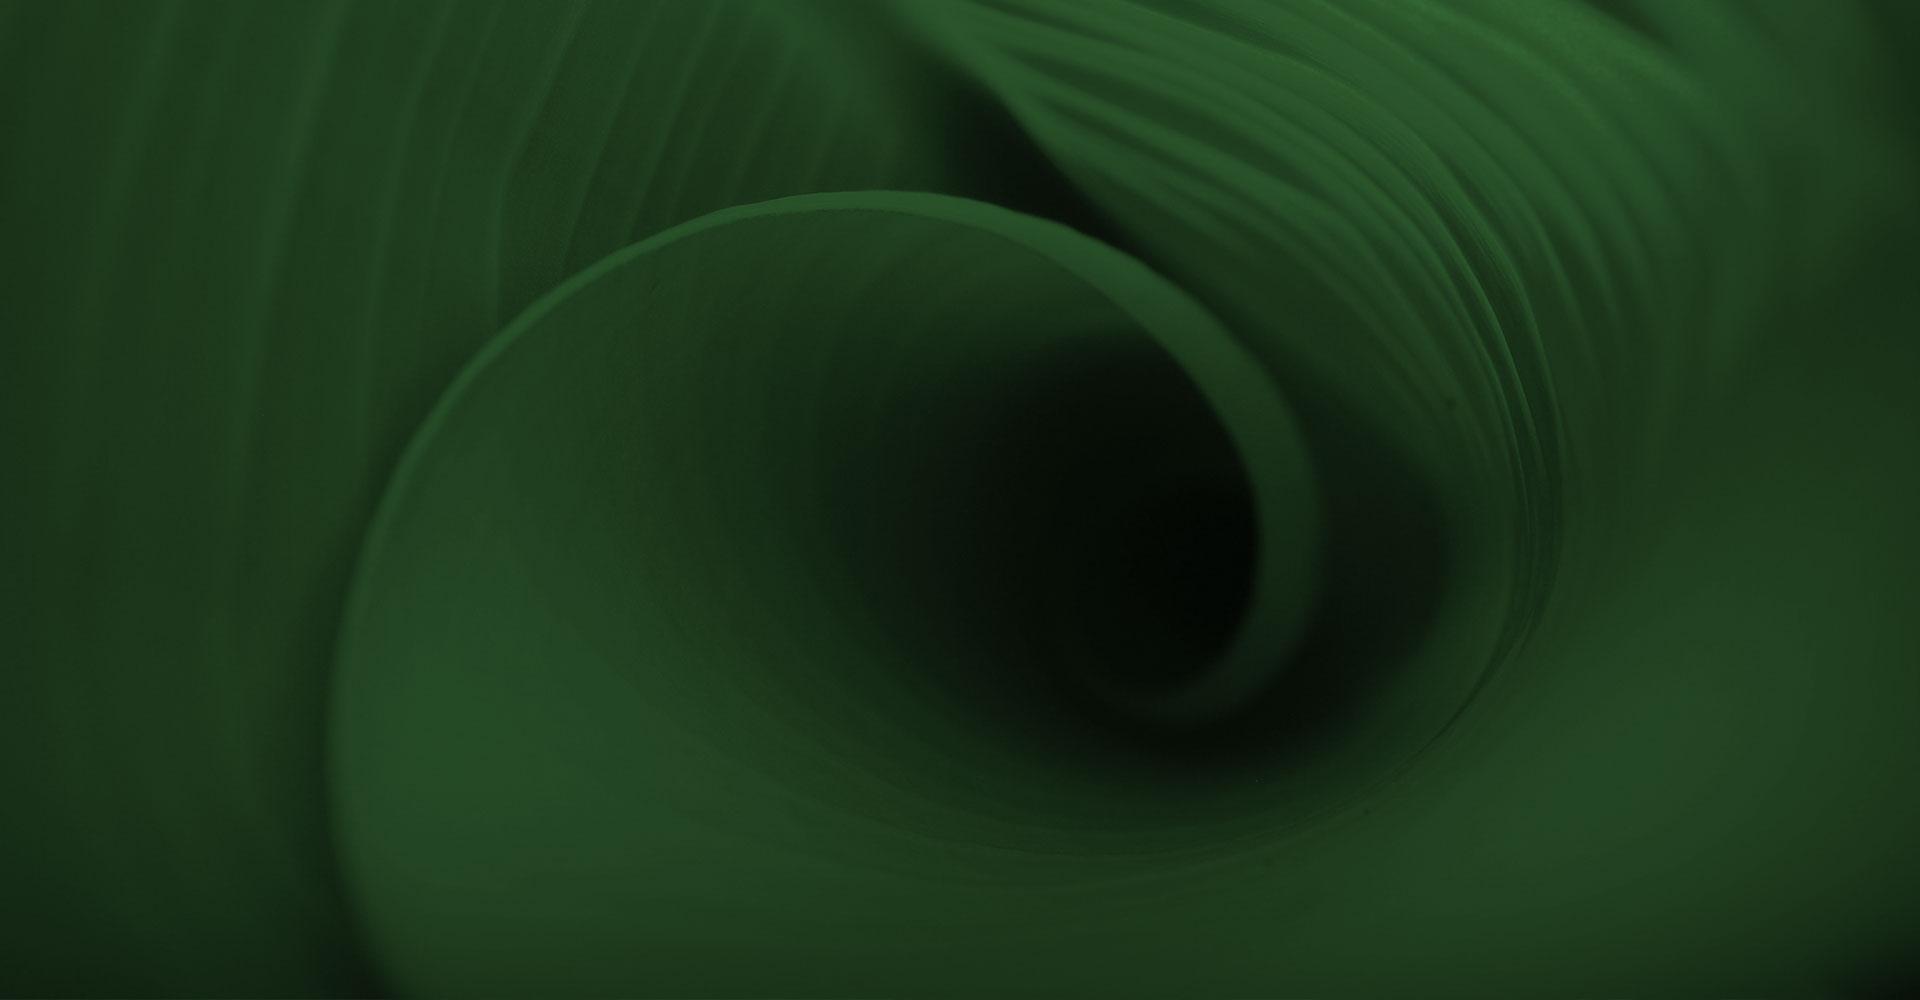 leaf-swirl-bg